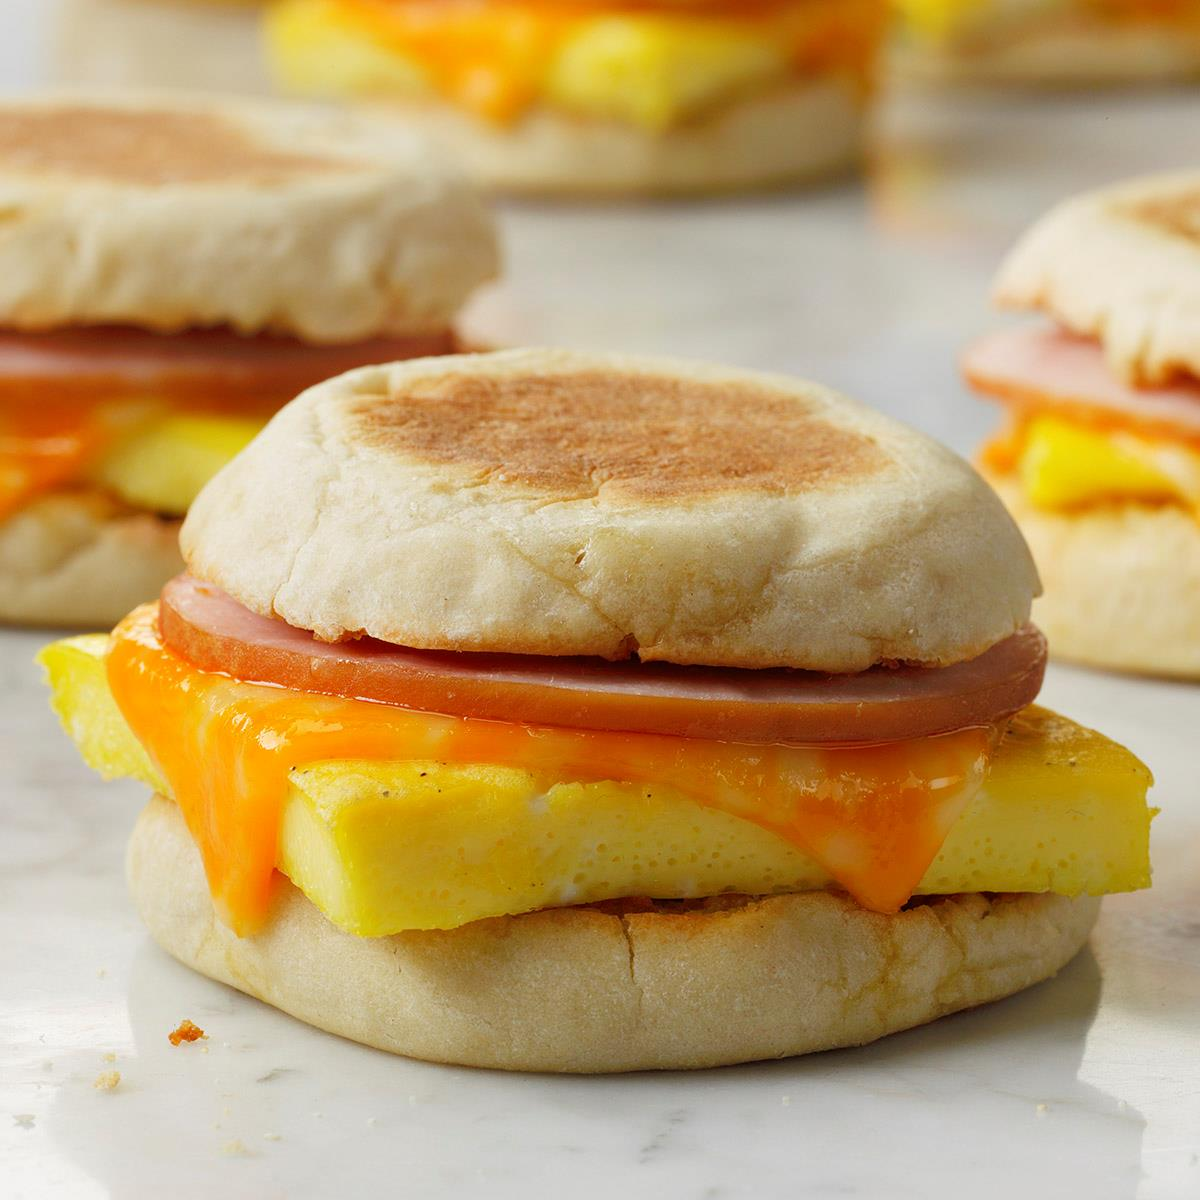 Receta de sándwiches de desayuno en el congelador | Sabor de casa